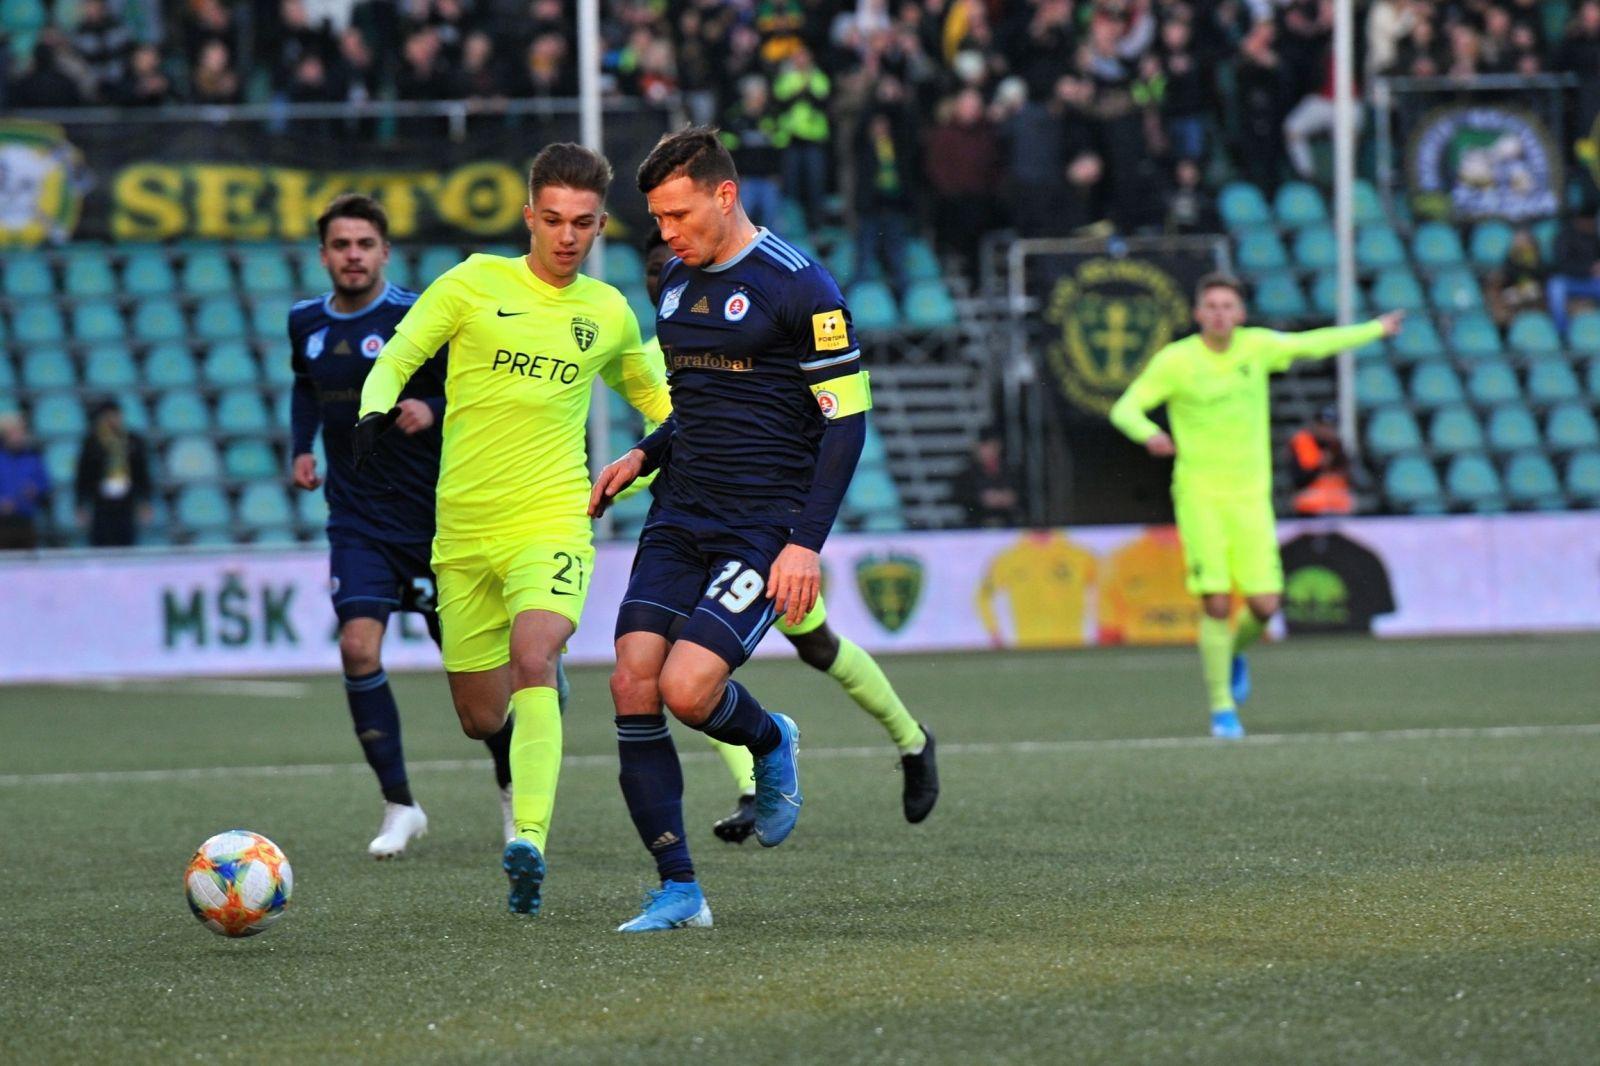 Fortuna liga pokračuje, zabojuje ešte o titul druhá Žilina? Tipuj výsledky a získaj 20-tisíc eur a lístok pre 500 vyvolených